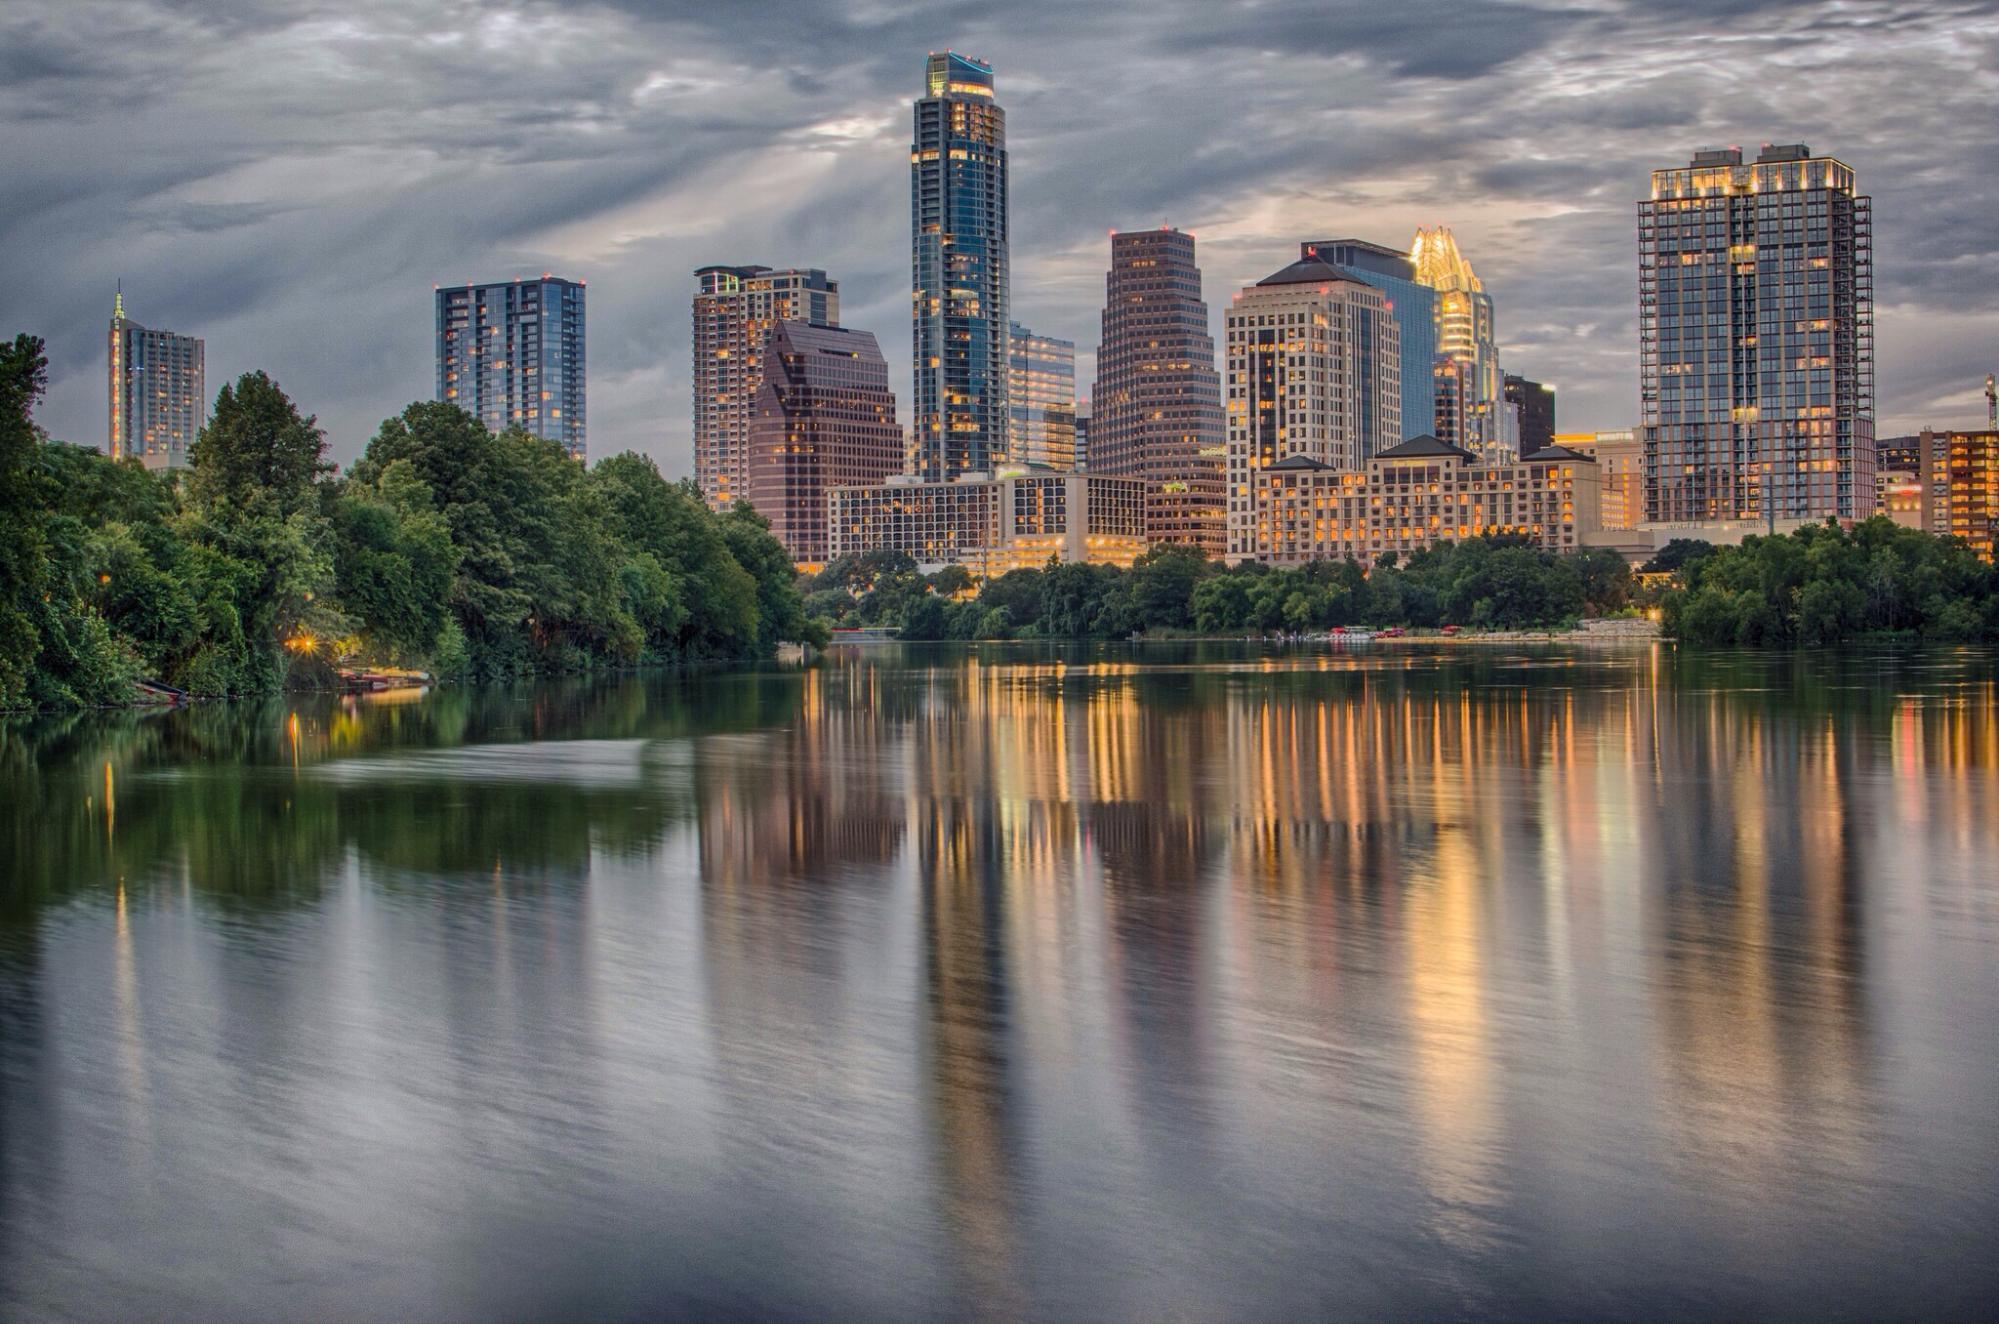 Downtown Austin skyline view